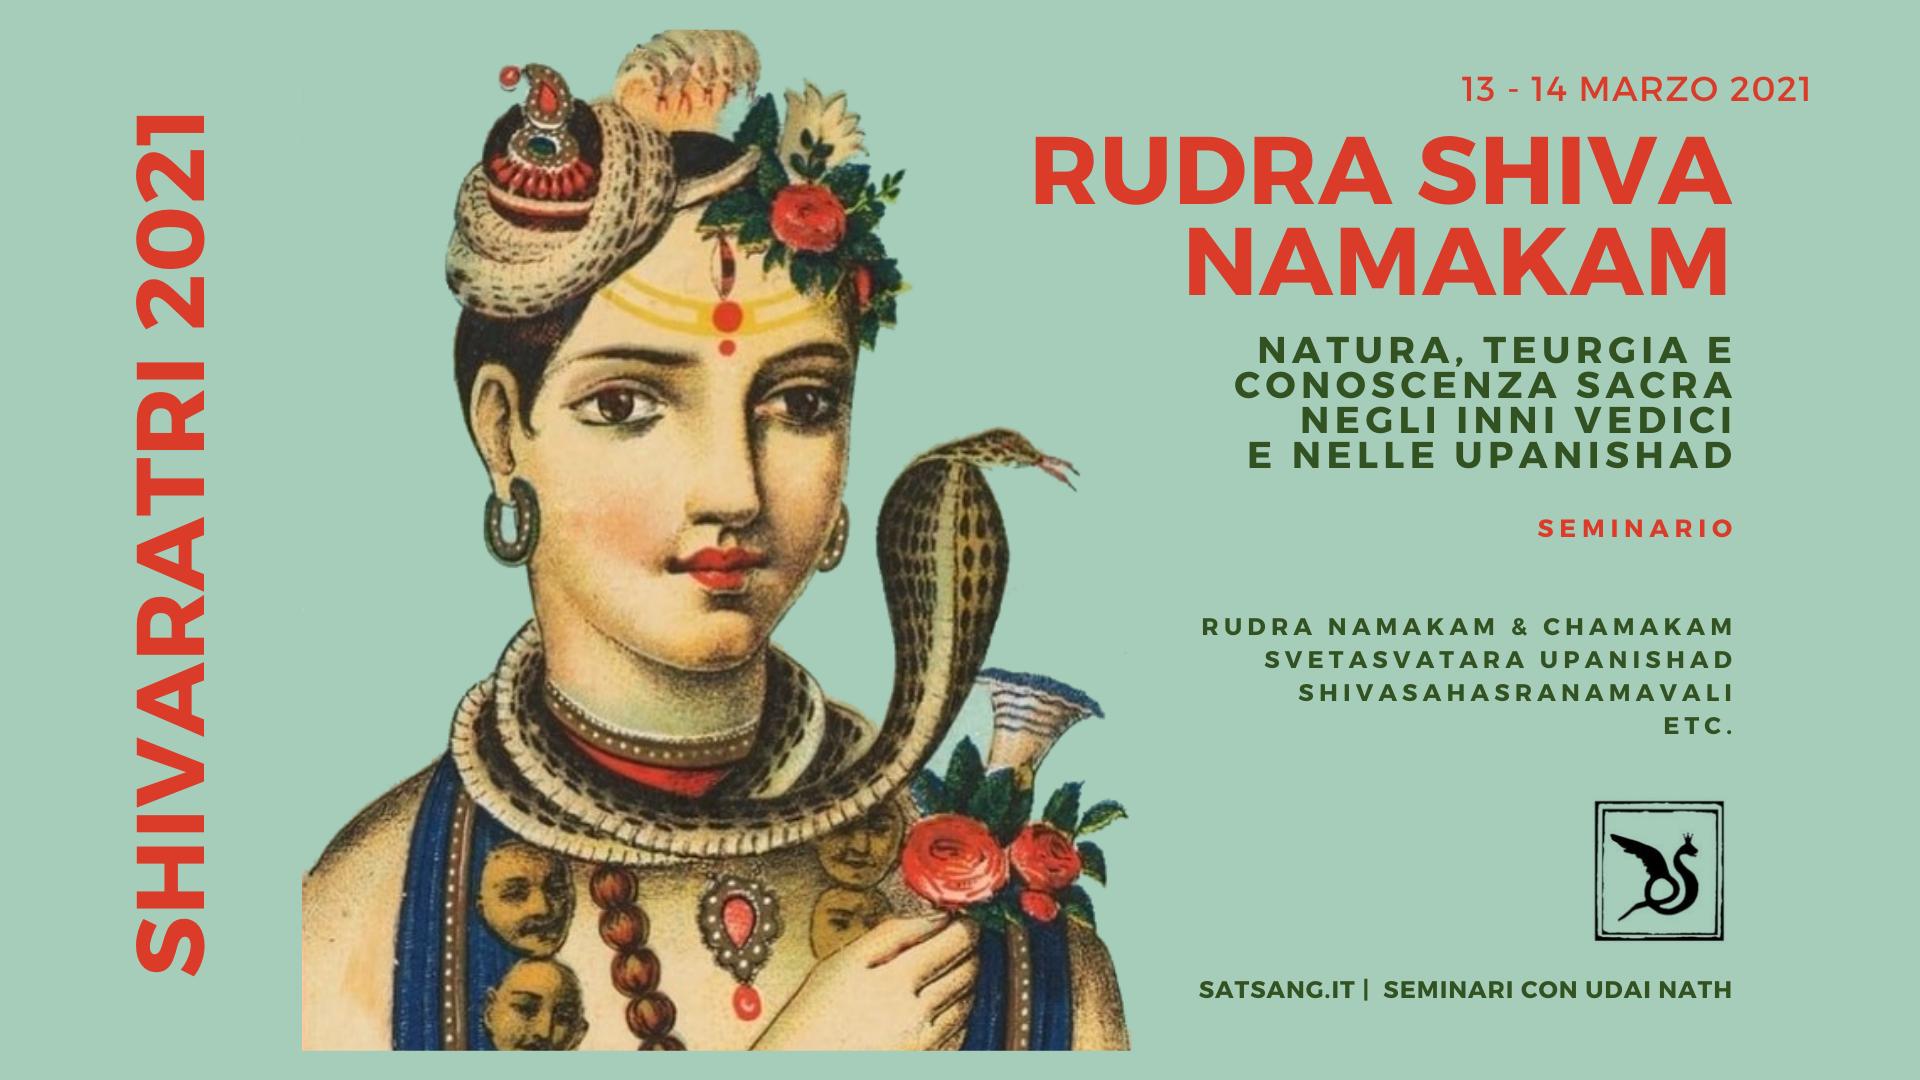 Rudra Shiva Namakam